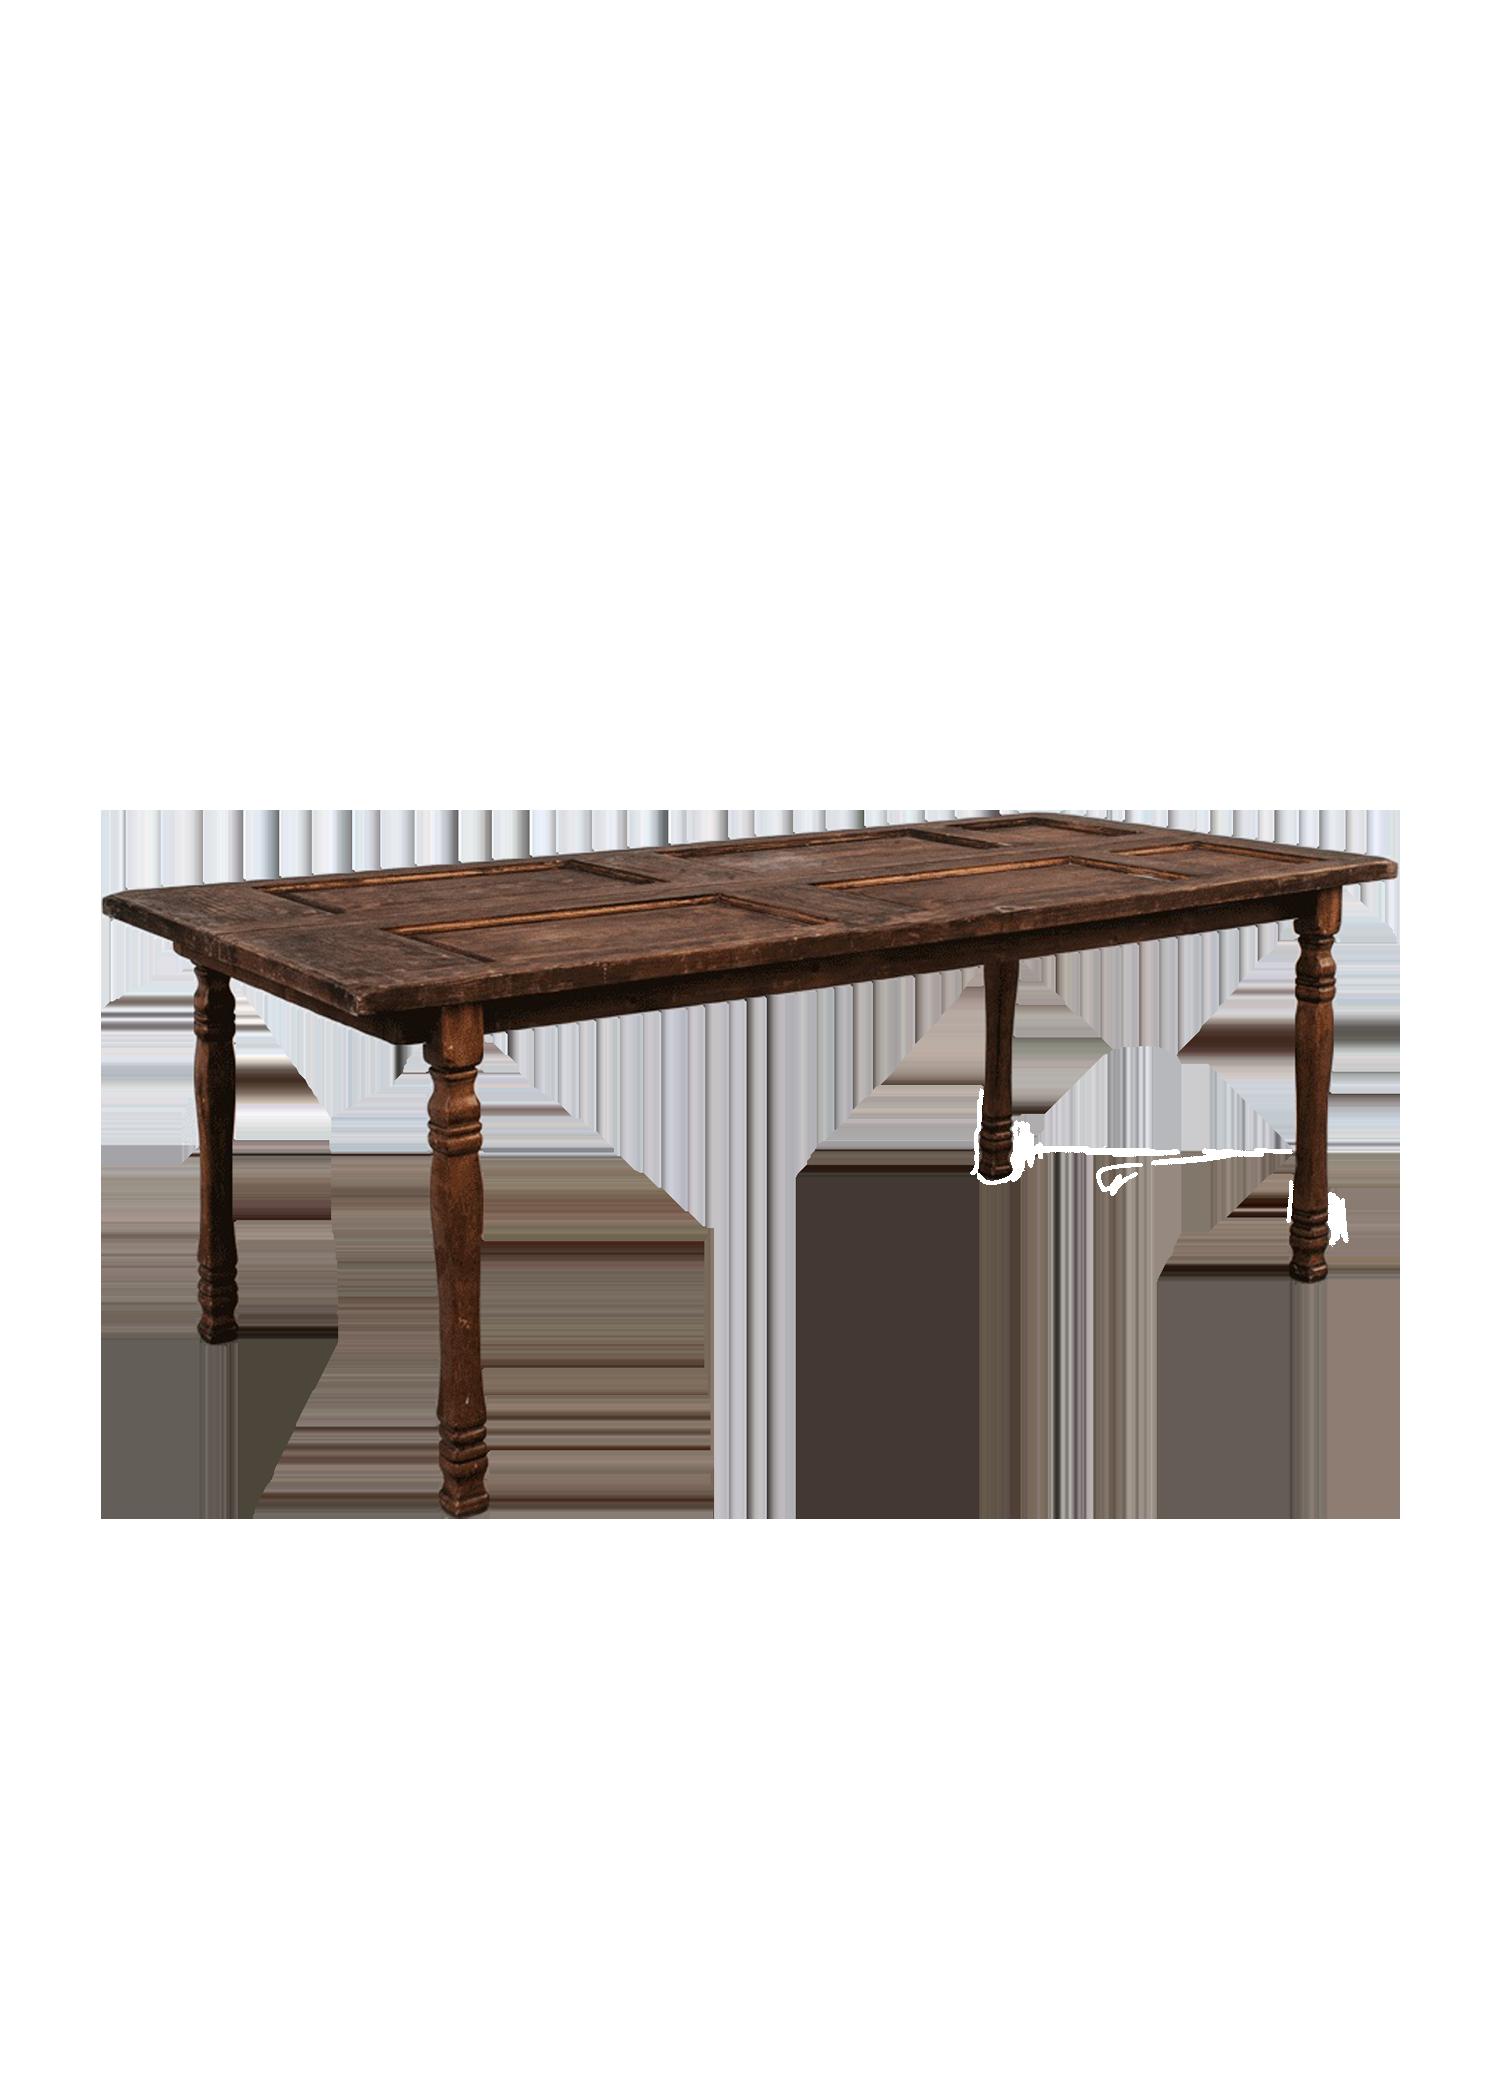 $85 Door Table